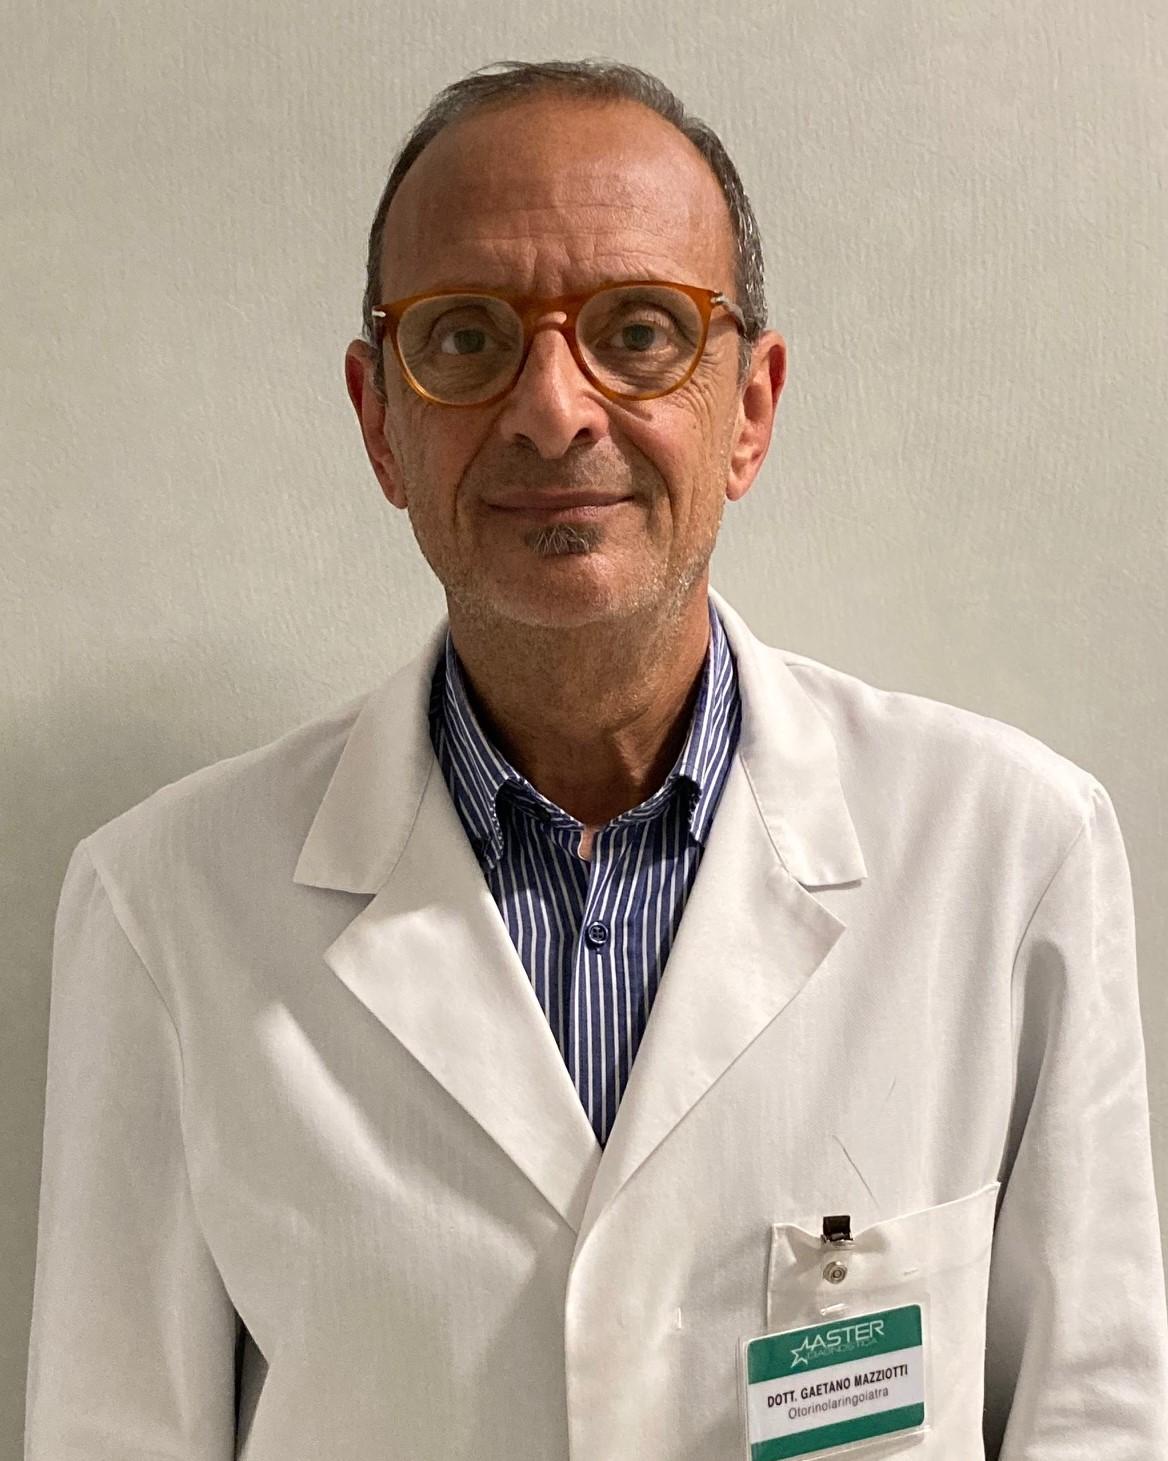 Gaetano Mazziotti